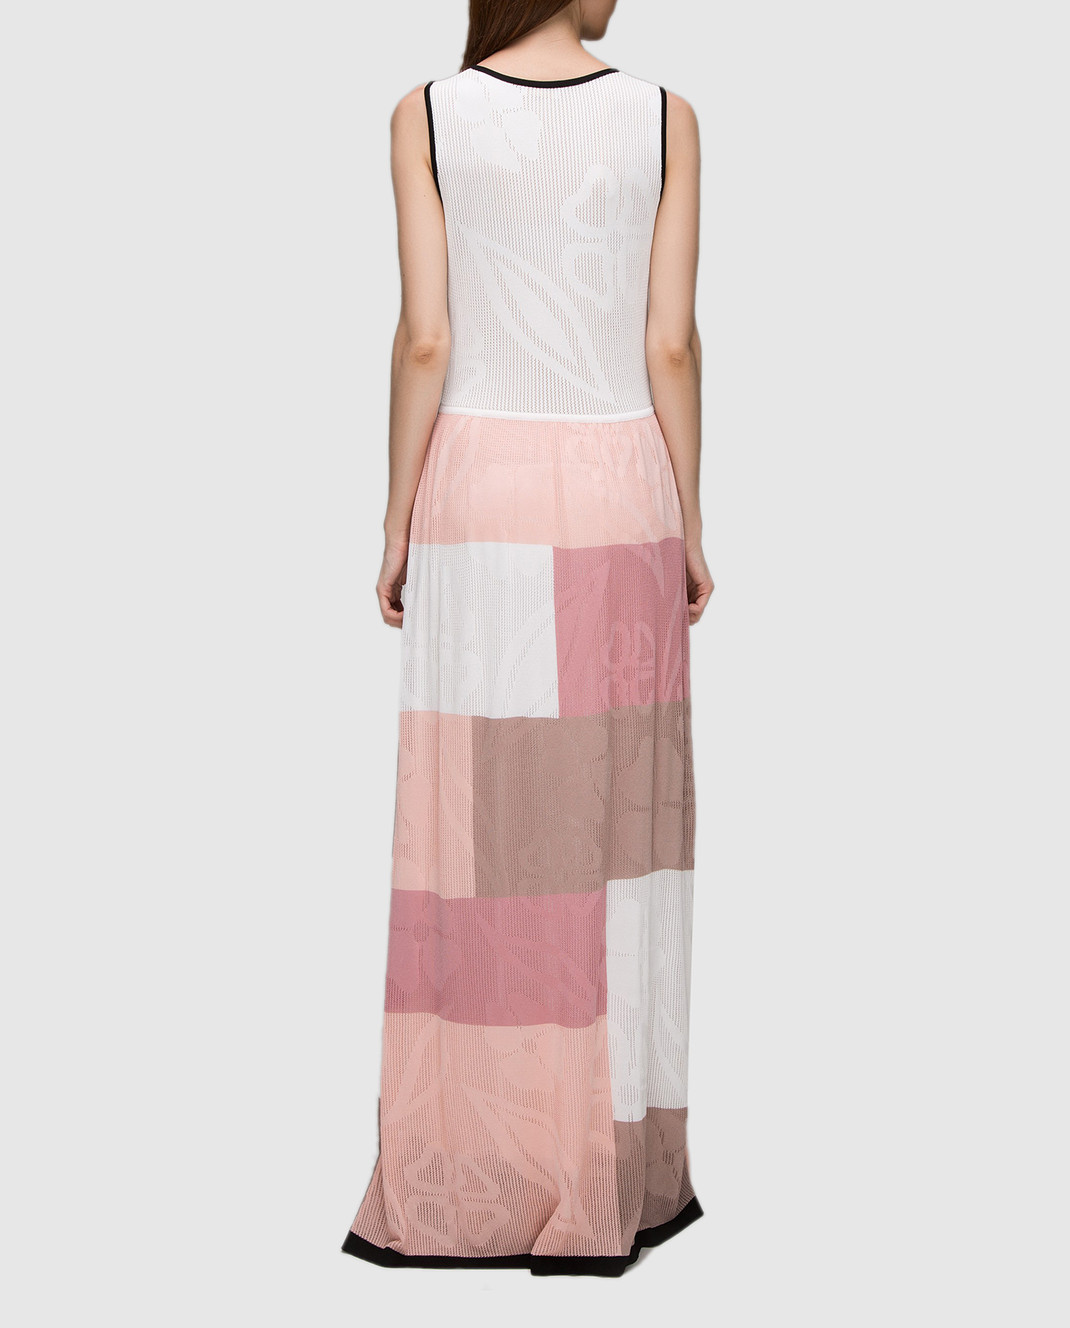 Tsarevna Пудровое платье  TS0100 изображение 4